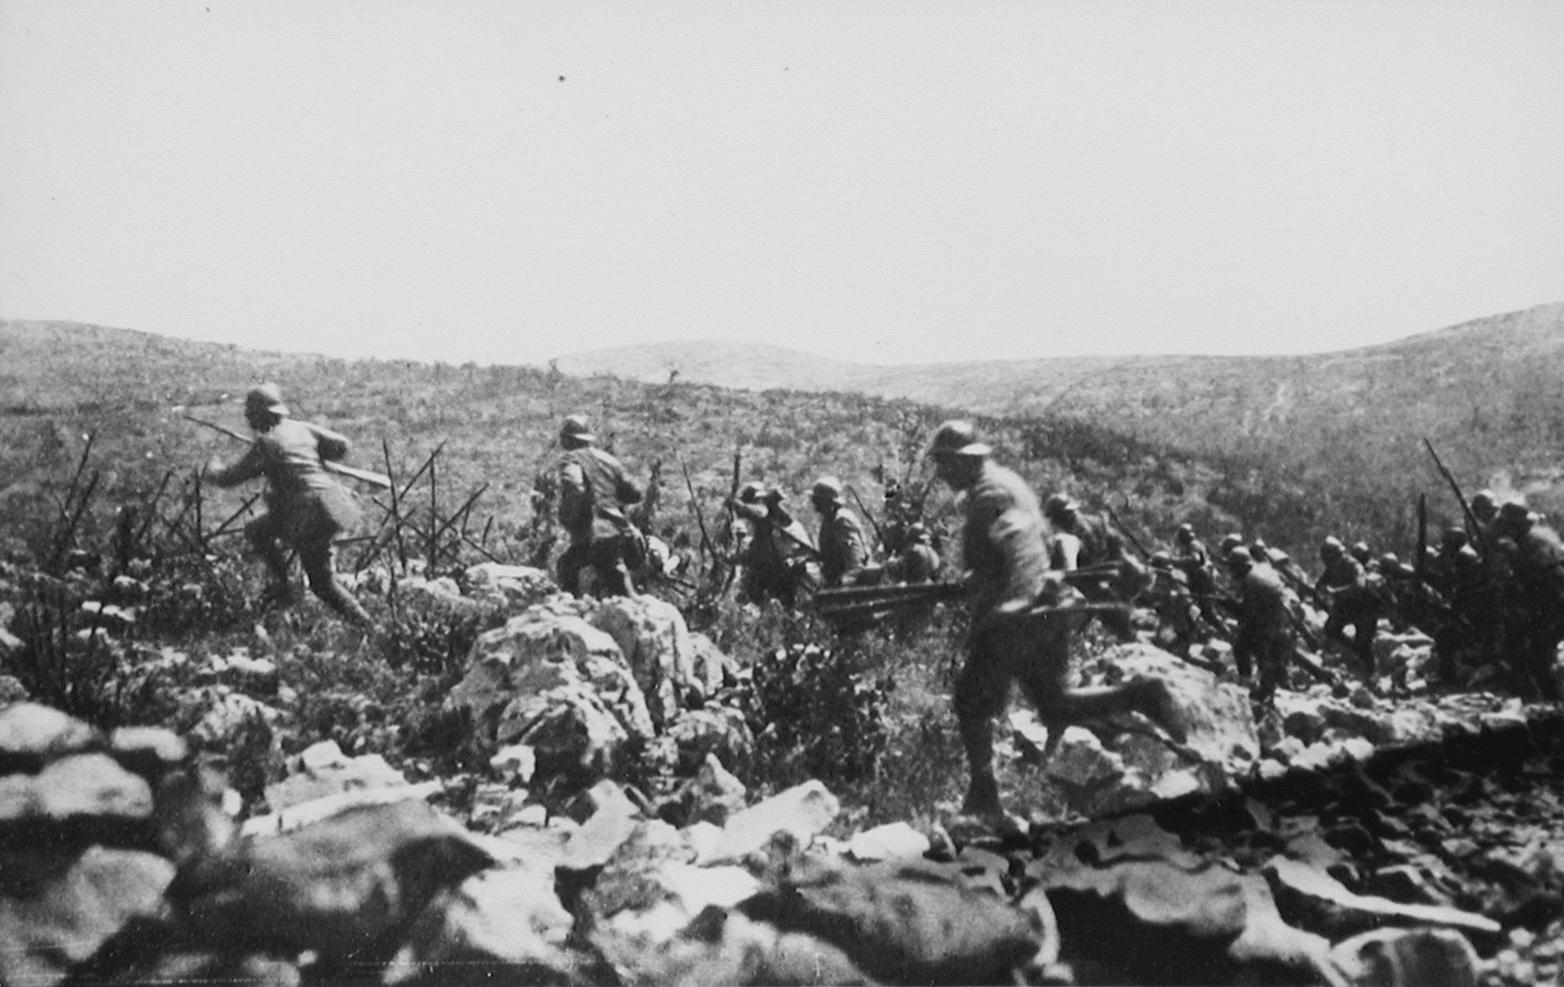 Immagine per Farra e la strage di civili durante la Grande Guerra, una ricerca nelle memorie di paese